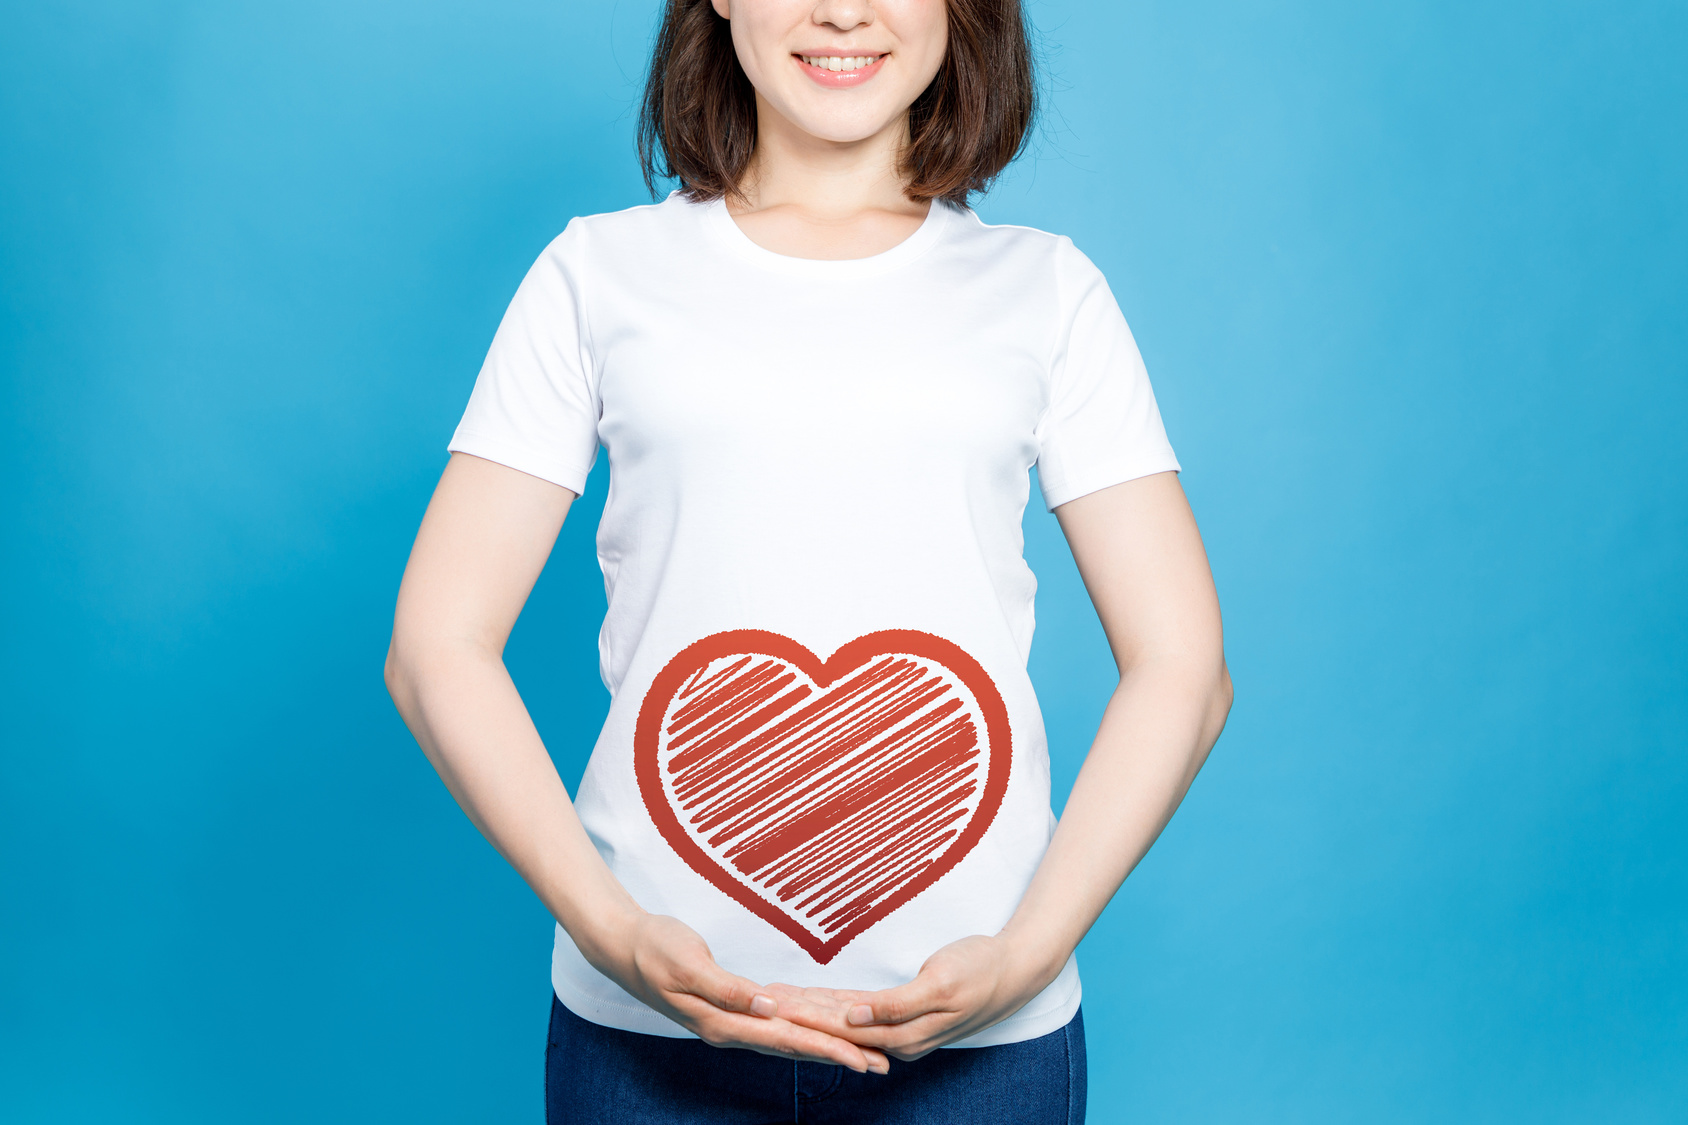 産後は骨盤に歪みが生じやすい